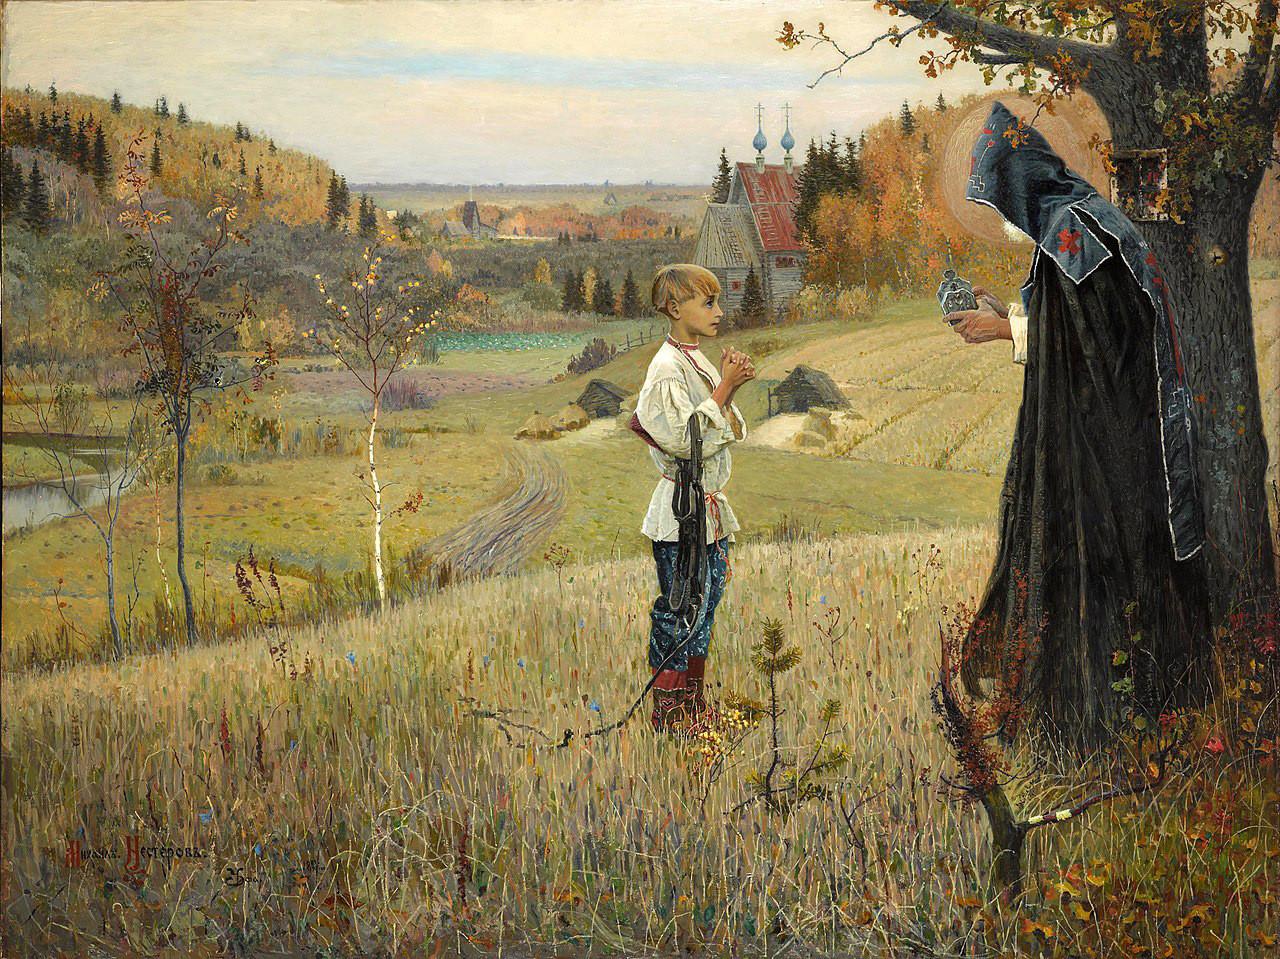 """Mikhaíl Nêsterov. """"Visão para o jovem Bartolomeu"""" (1889-1890)."""